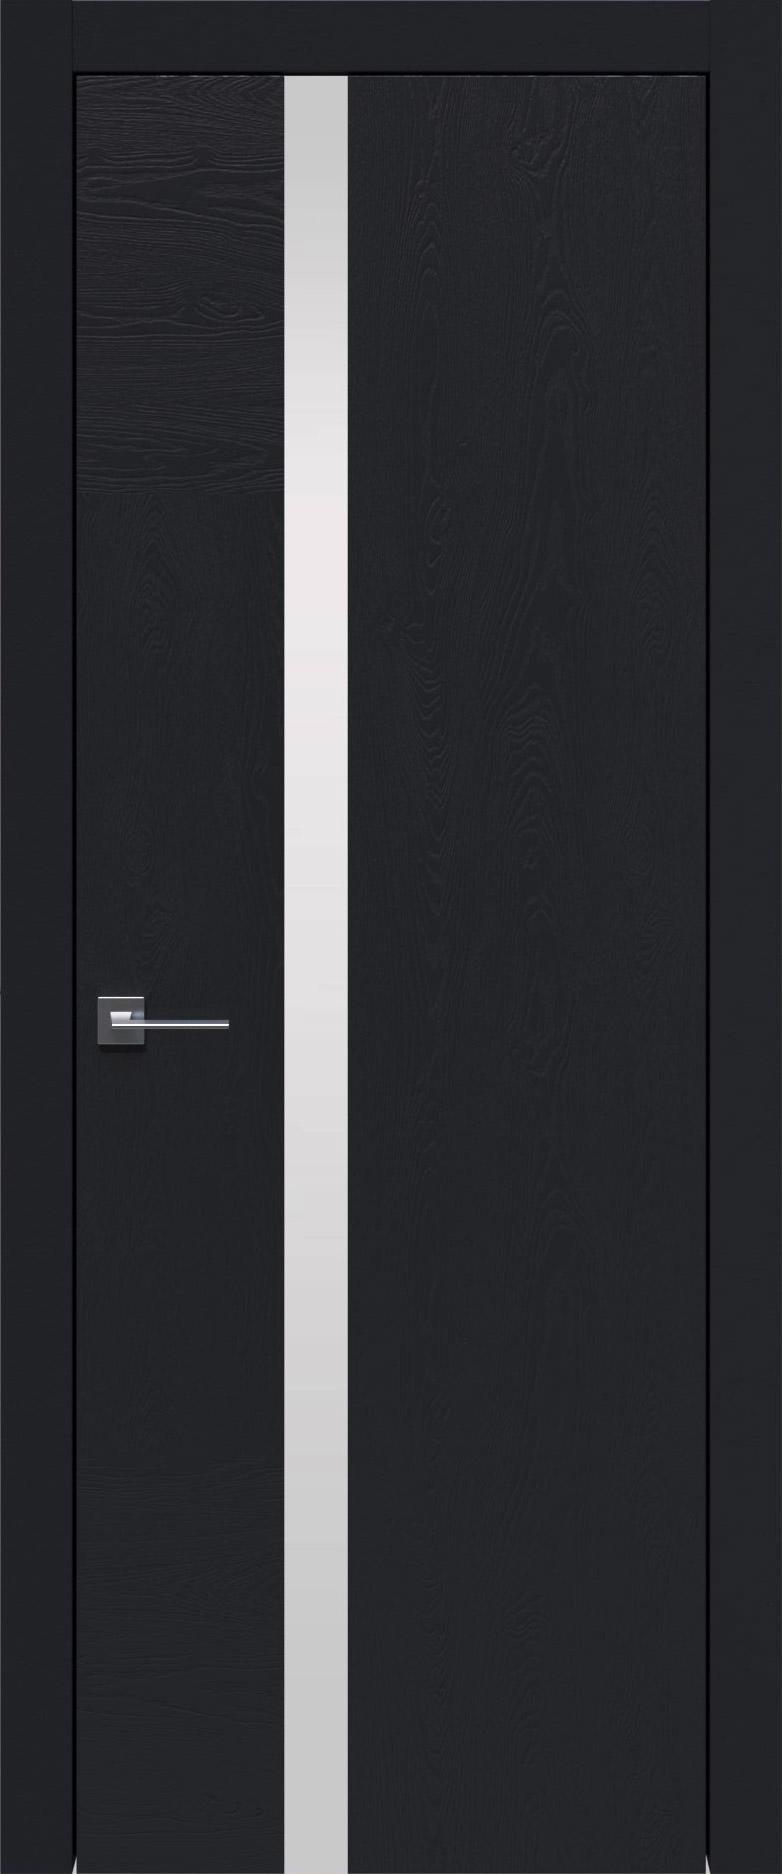 Tivoli Д-1 цвет - Черная эмаль по шпону (RAL 9004) Без стекла (ДГ)